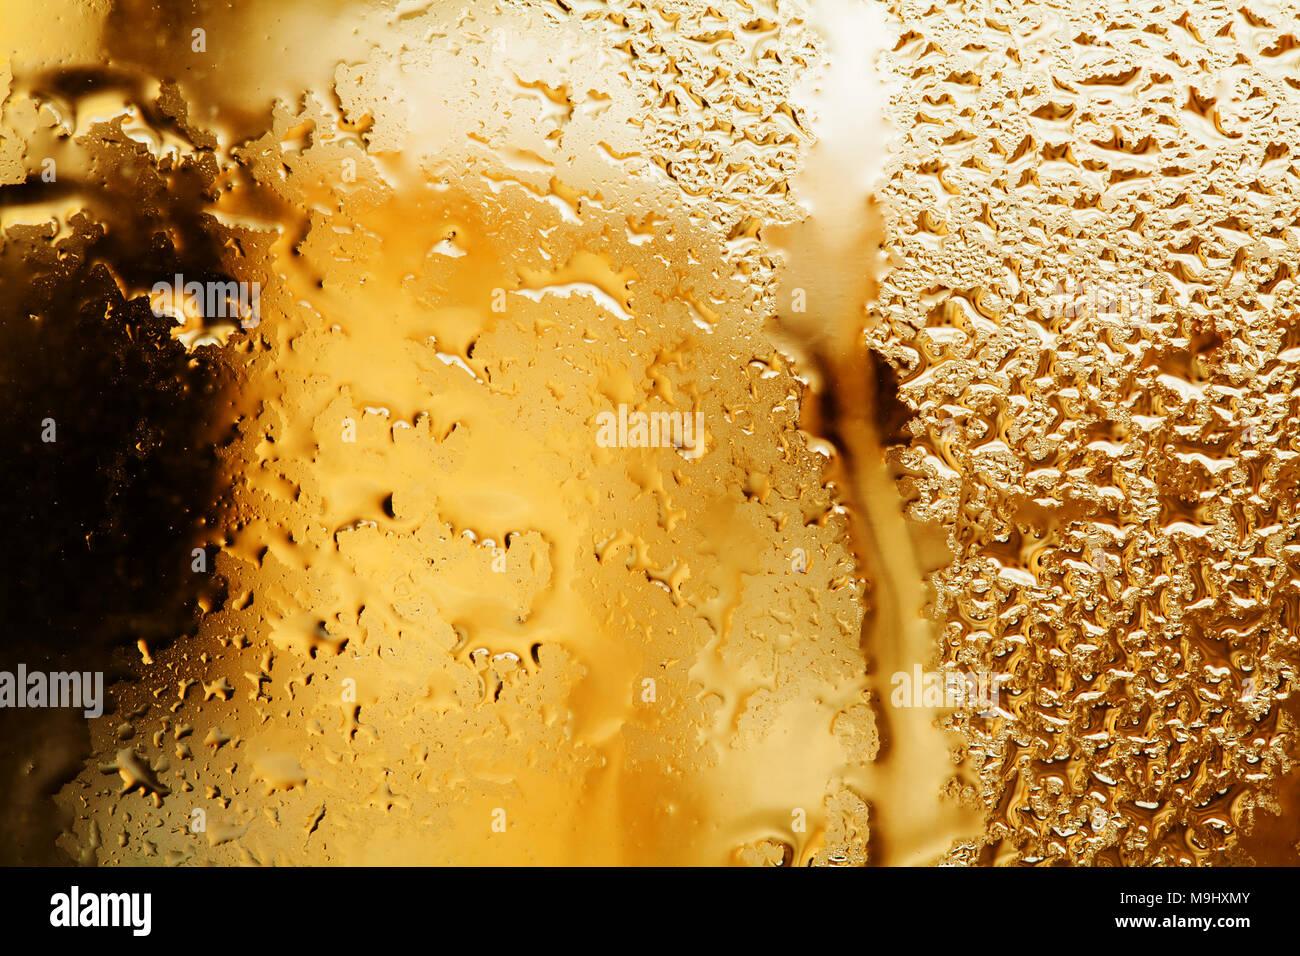 Tempo piovoso concetto. Abstract di colore dorato e telaio di goccioline di acqua pattern sul vetro della finestra. Il liquido bolle testurizzata vista macro. Profondità di campo. Immagini Stock